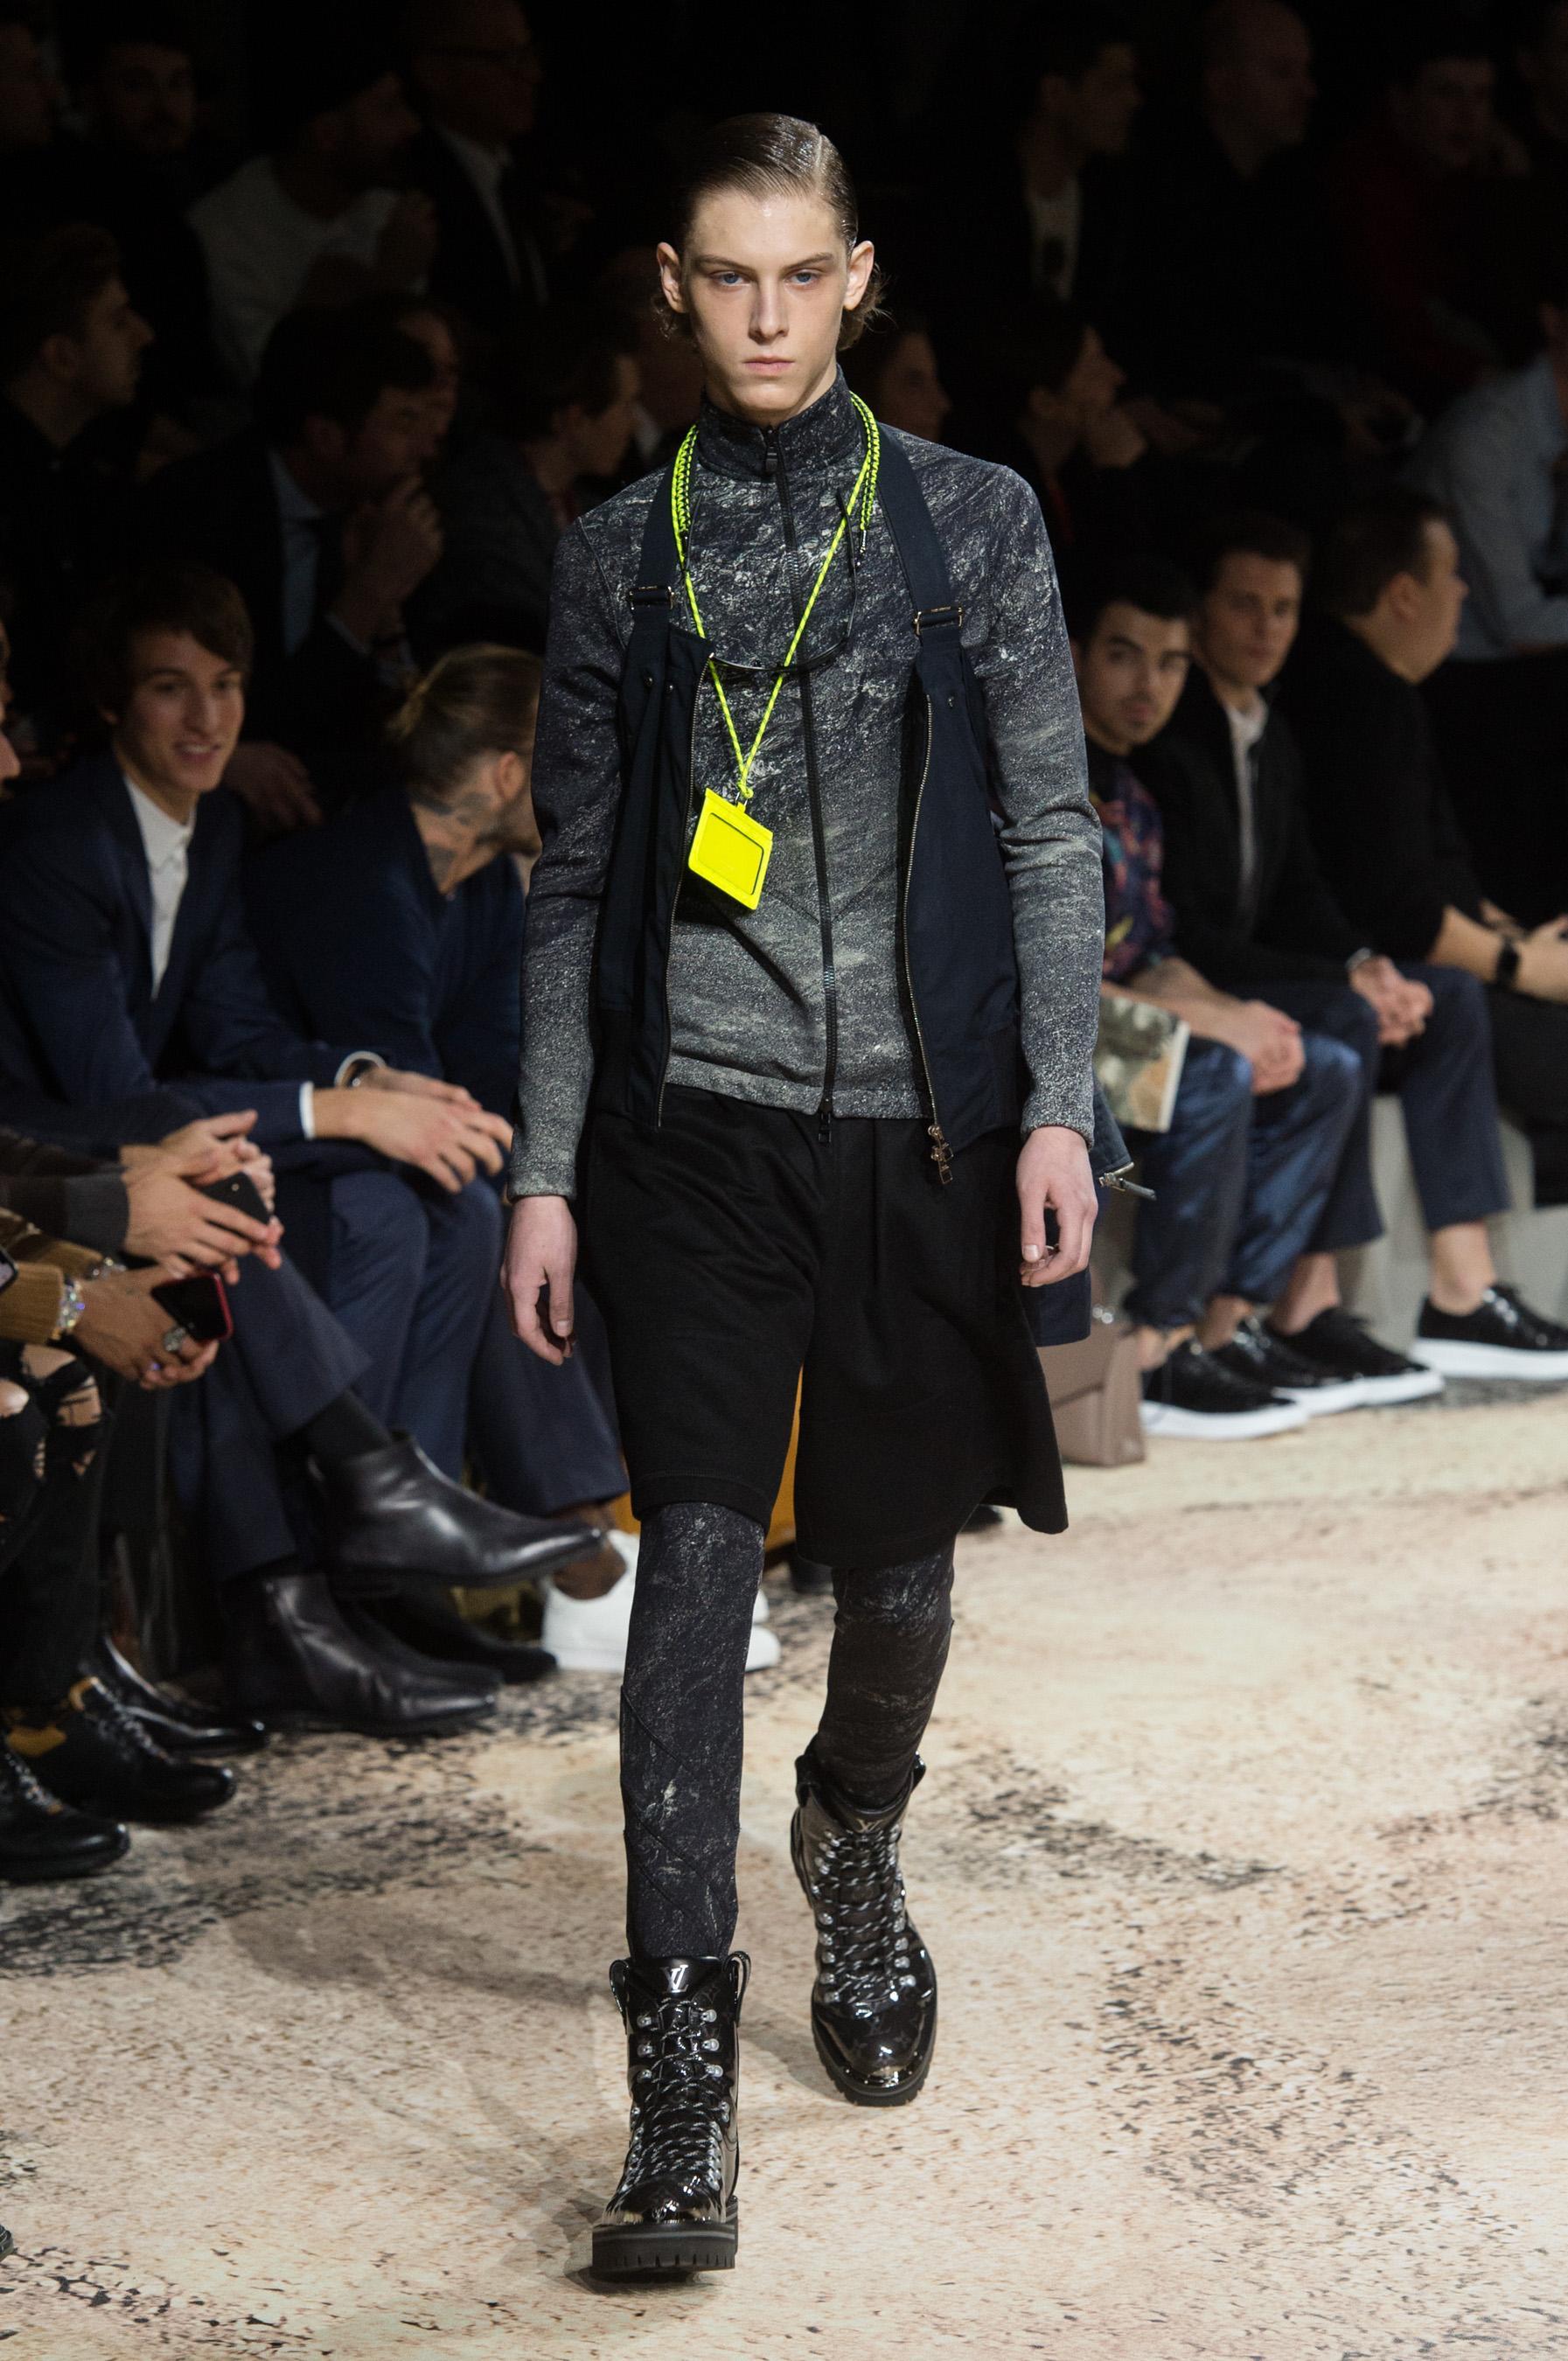 177ef85ff3bc5 Défilé Louis Vuitton automne-hiver 2018-2019, Paris - Look 37. Défilé Louis  Vuitton Homme Automne-hiver 2018-2019 Paris - photo 37 Imaxtree